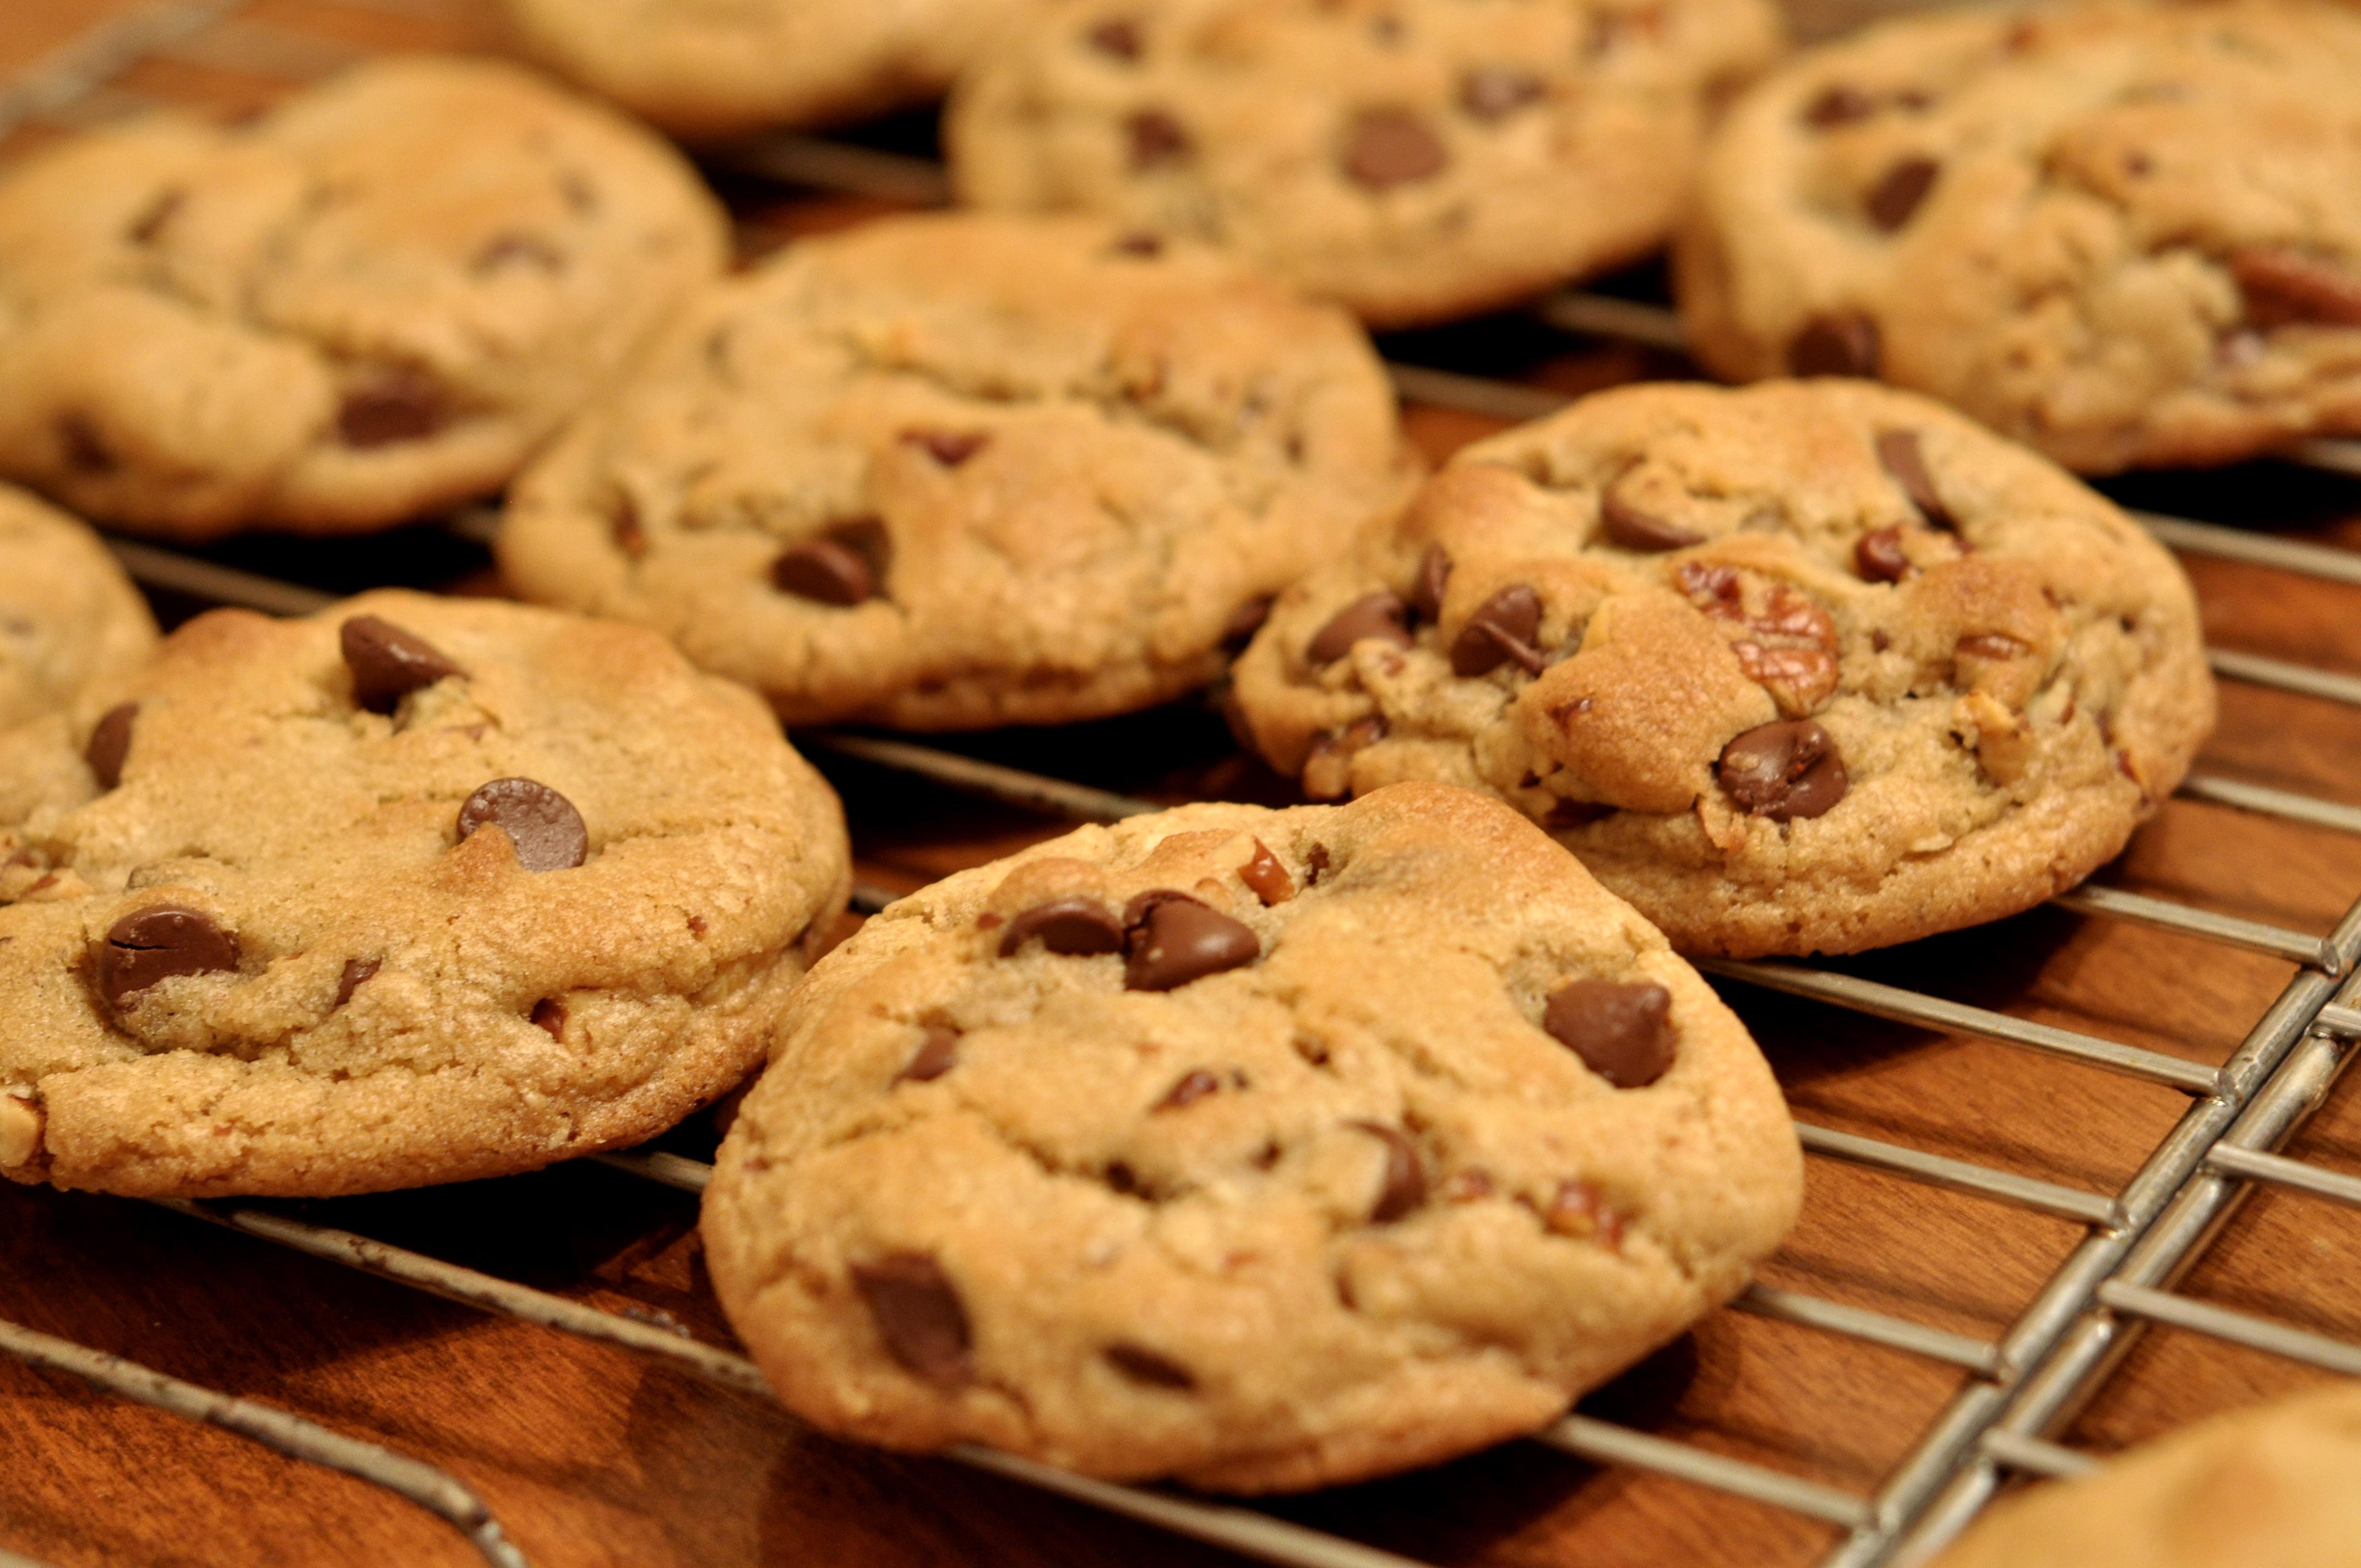 Pronti al 2 giugno alla legge sui cookies? #cookies